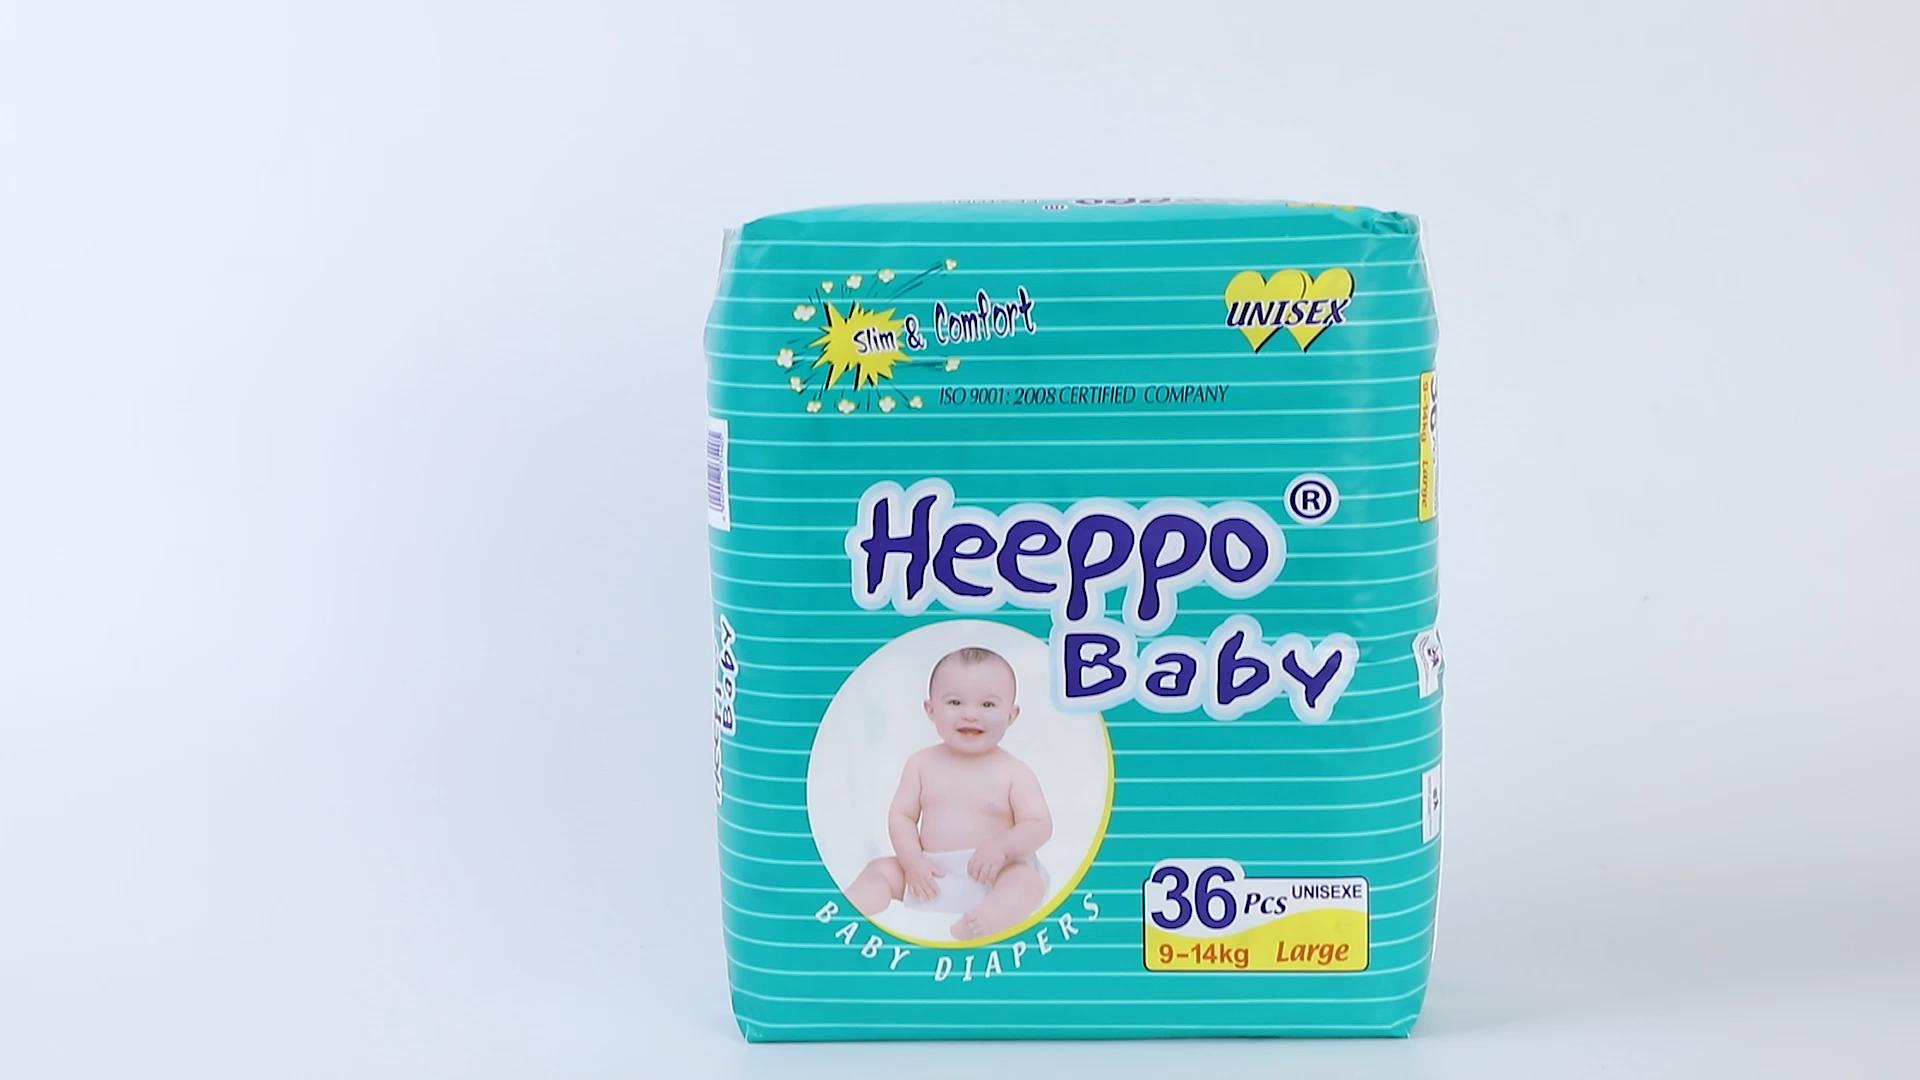 गर्म बिक्री चीनी लाड़ डिस्पोजेबल बेबी डायपर